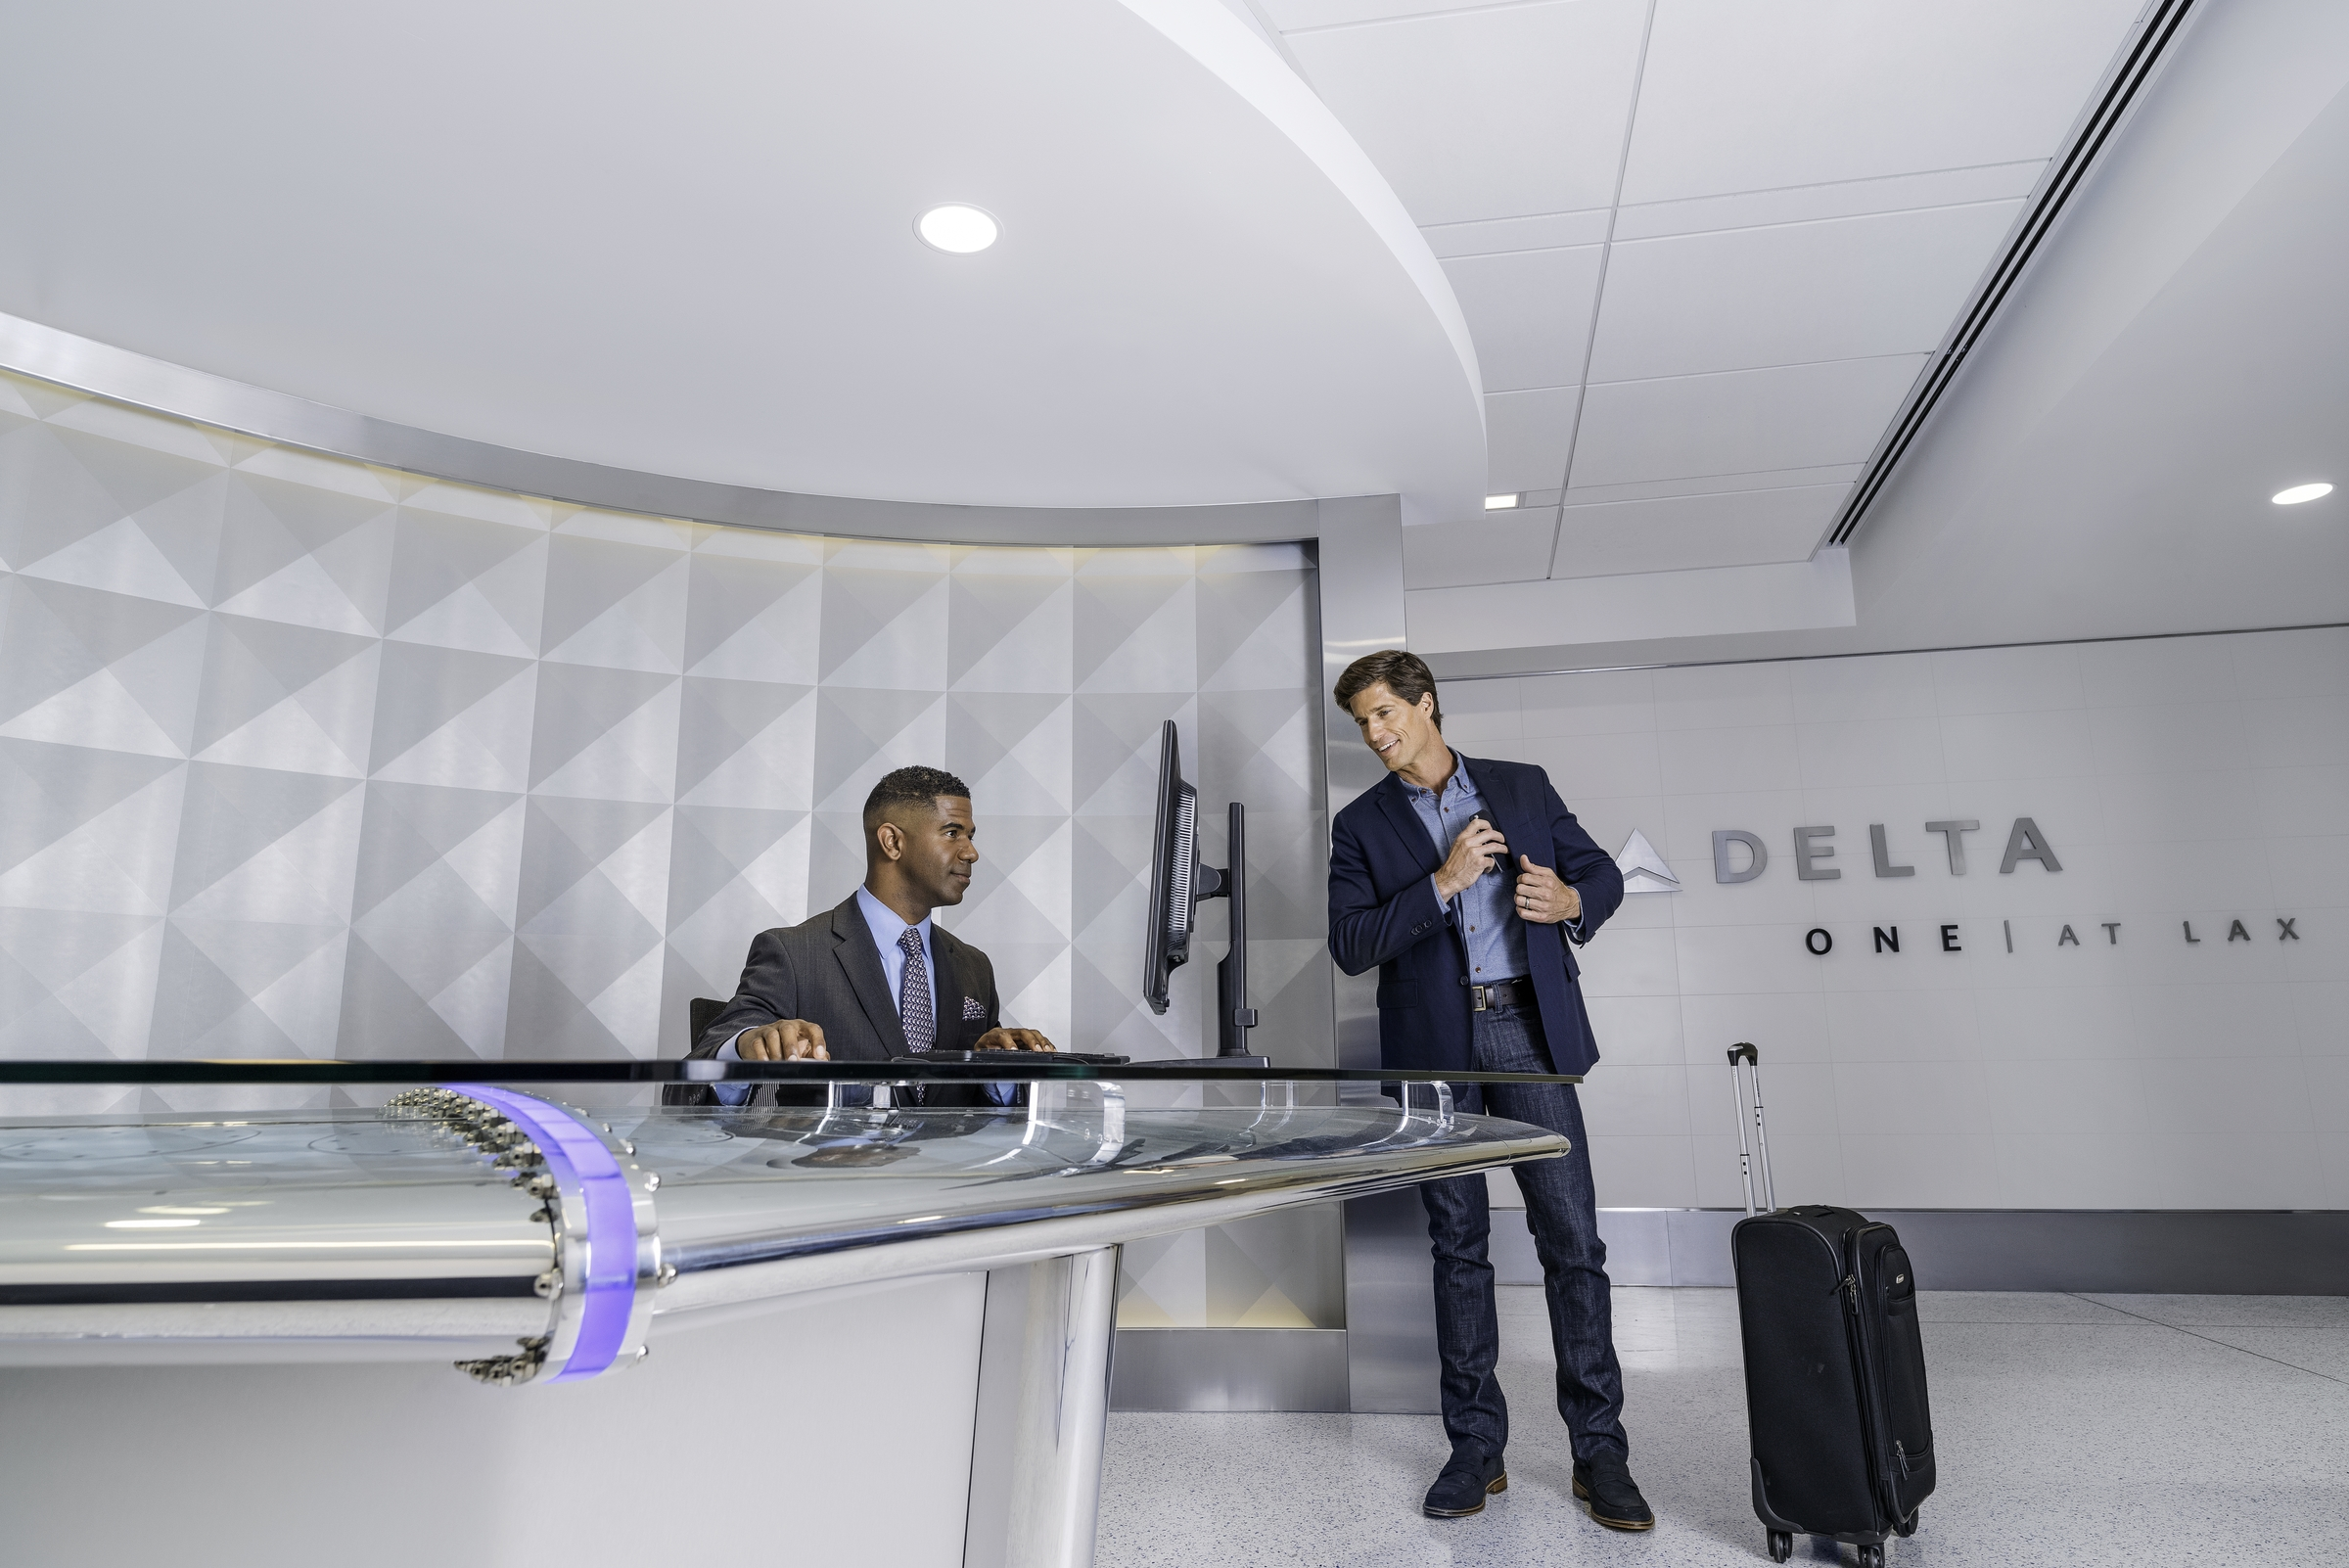 Delta ONE at LAX Lobby